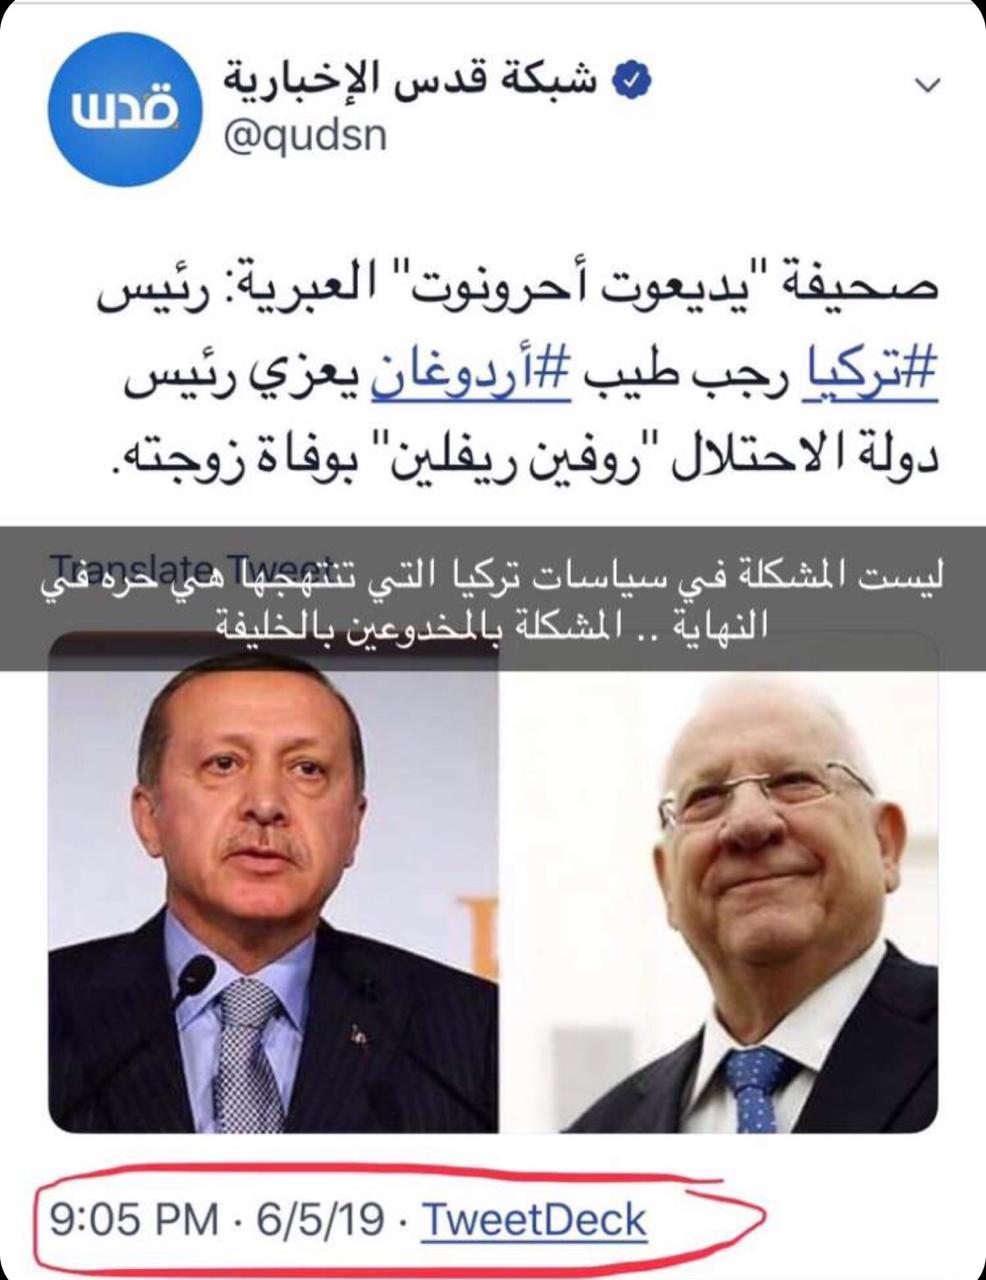 اردوغان و اسرائيل